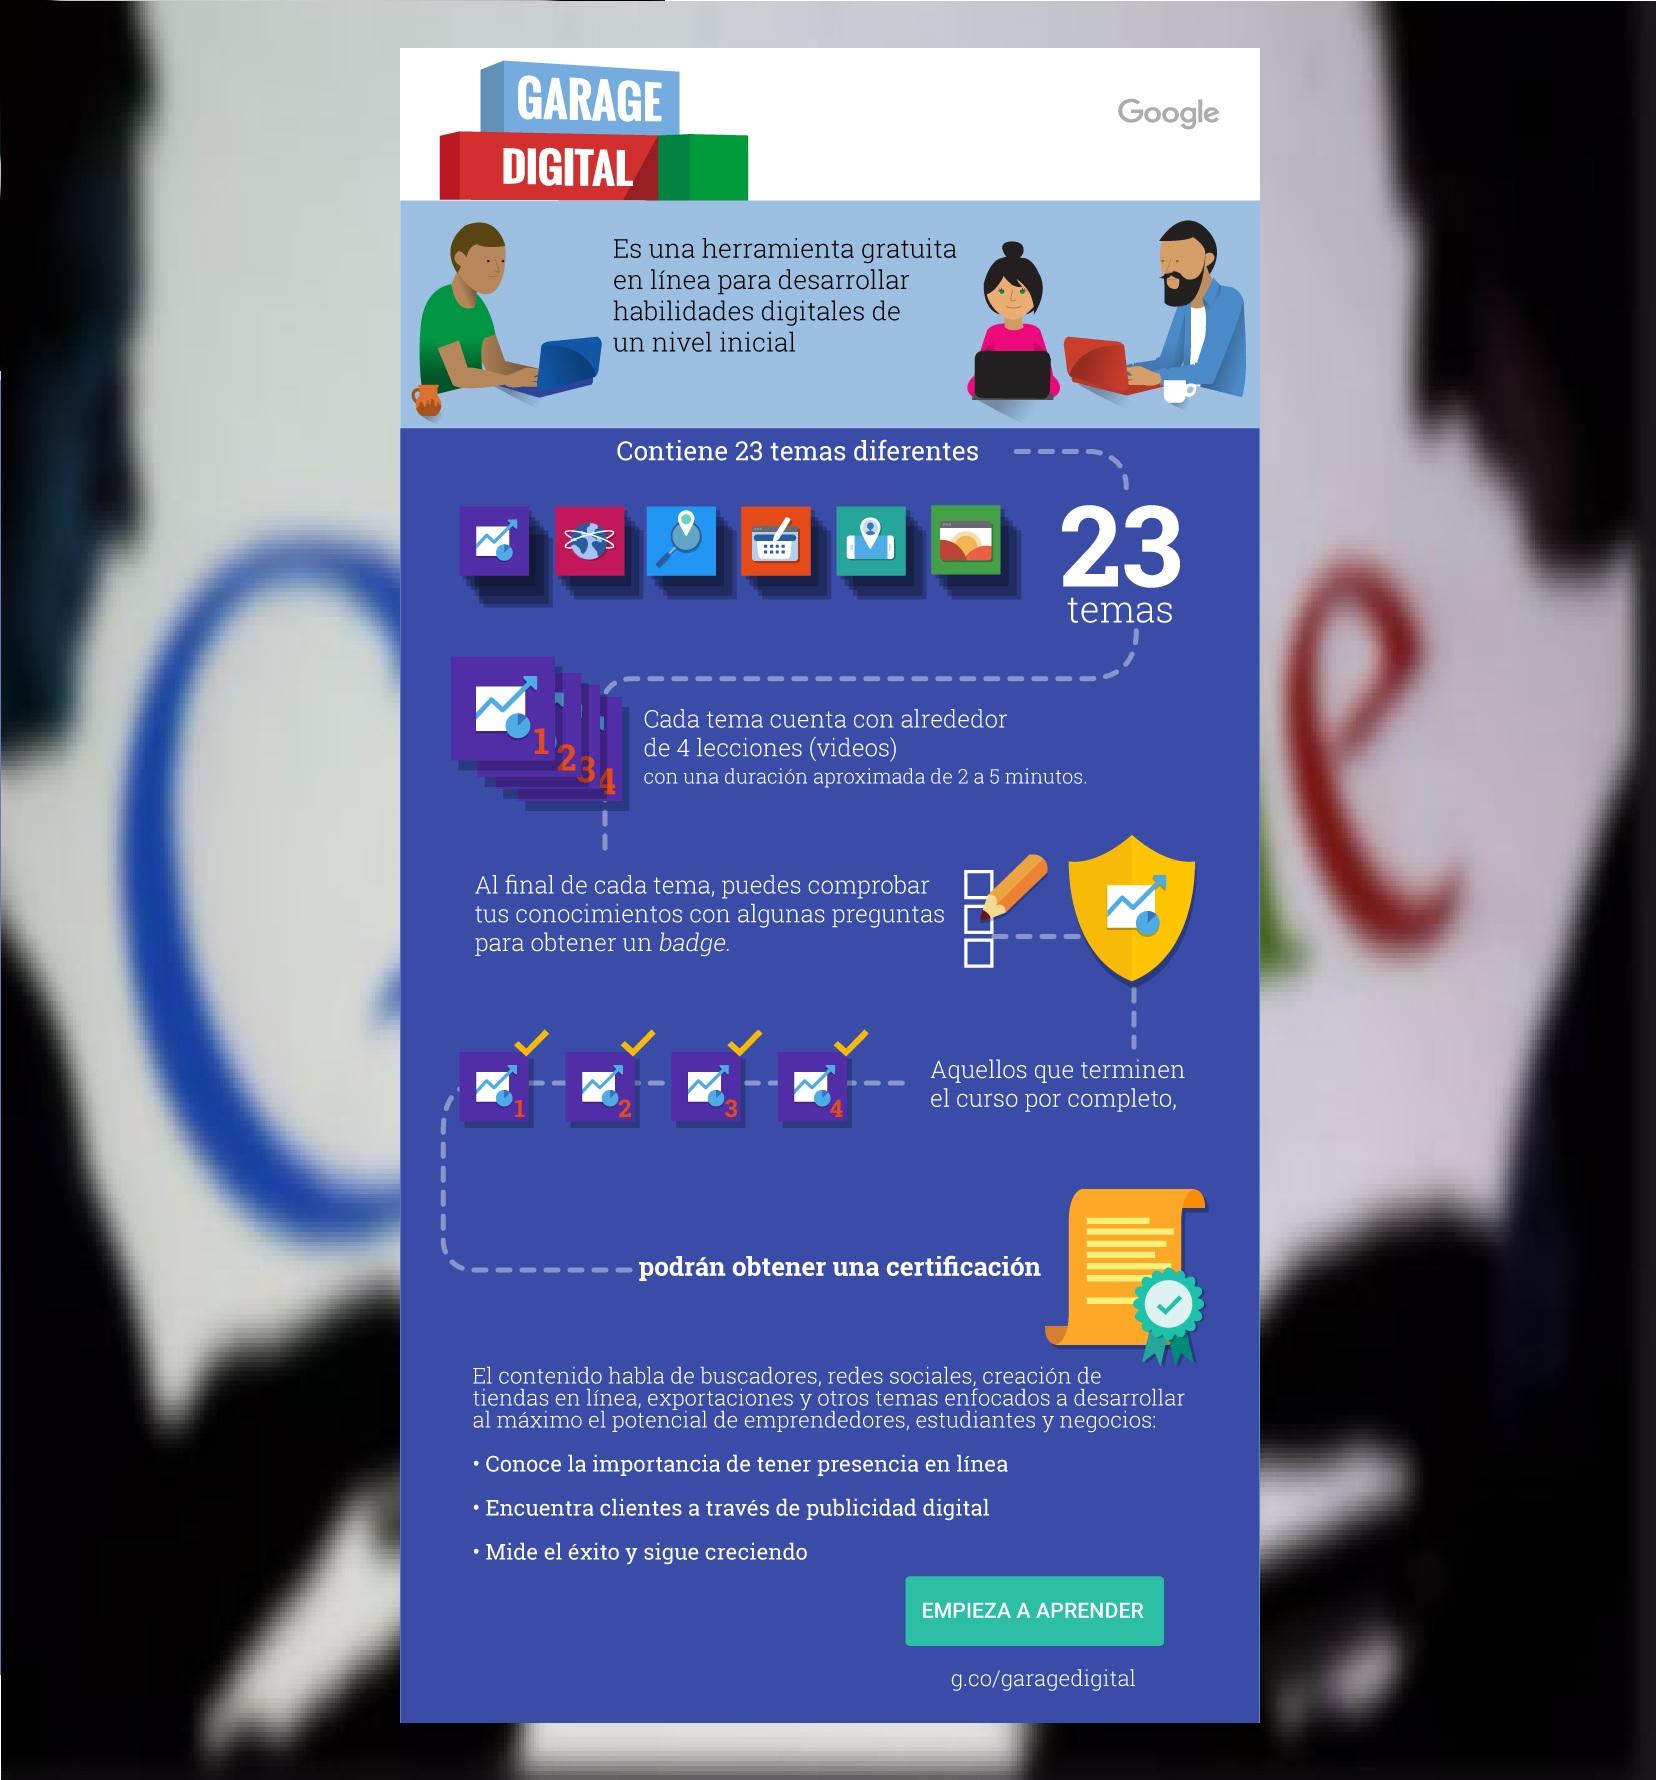 Cursos gratis de Google para aprender habilidades digitales